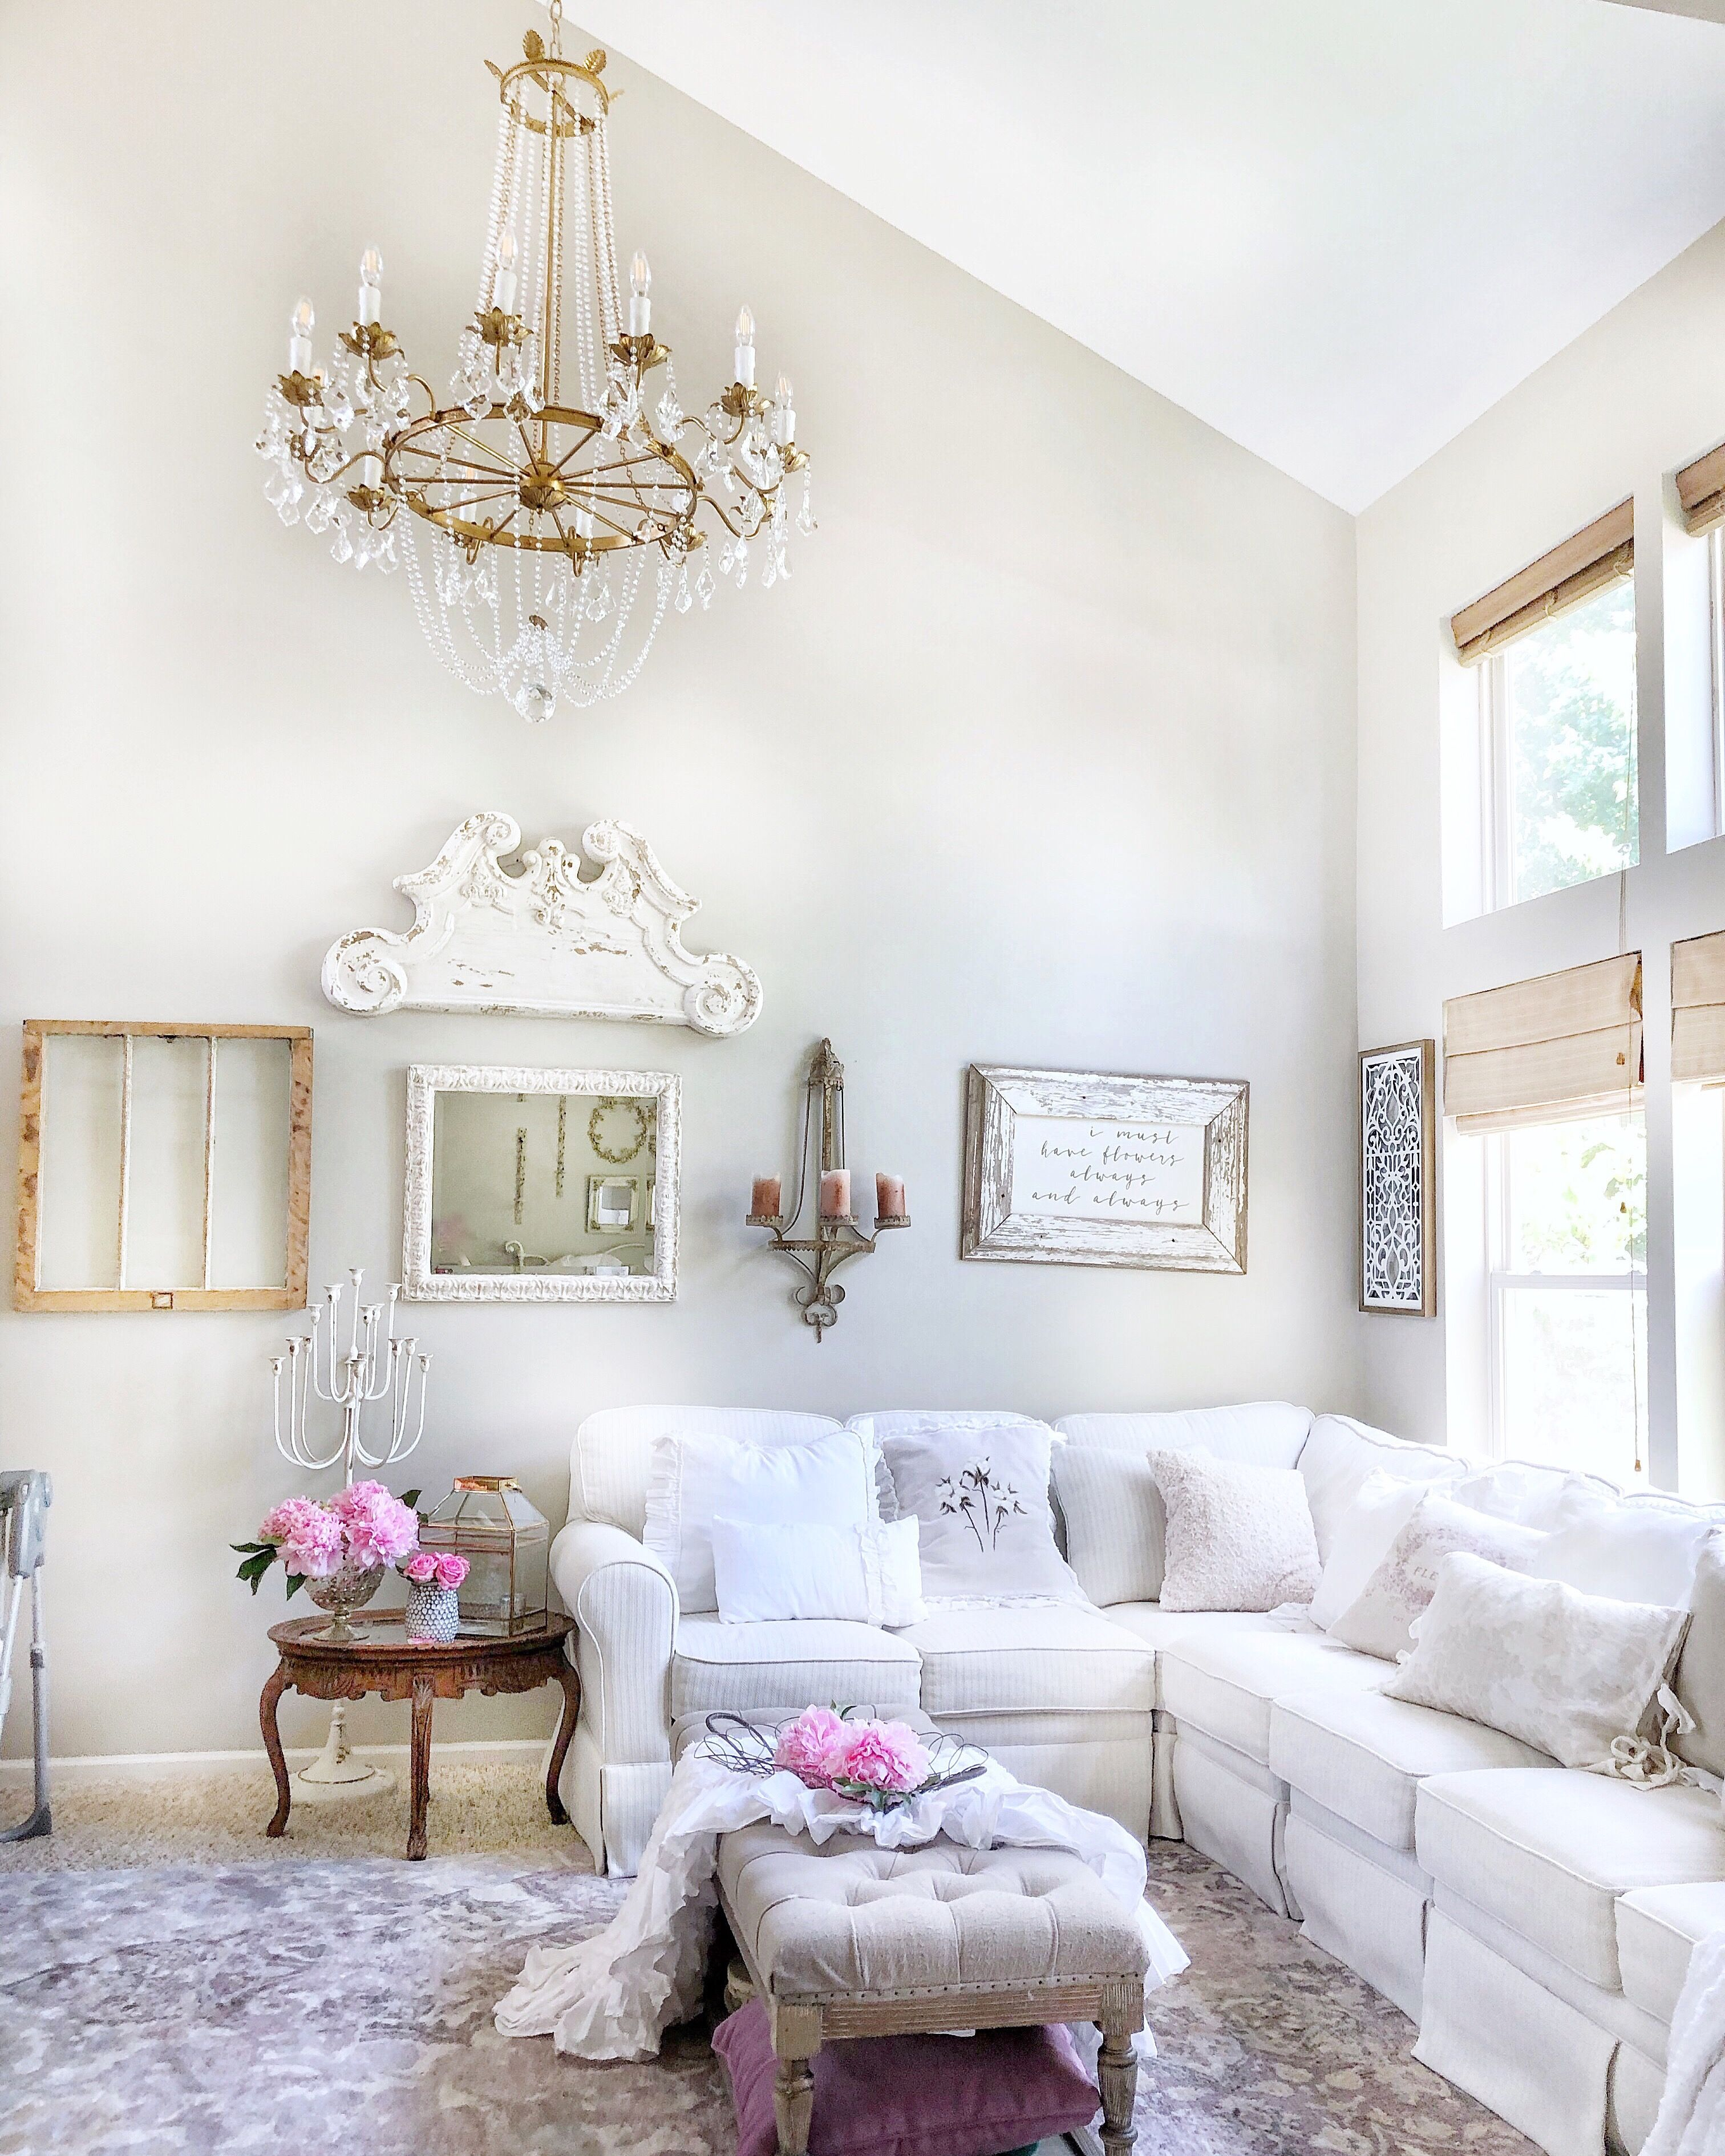 49+ Glamorous shabby chic living room trends